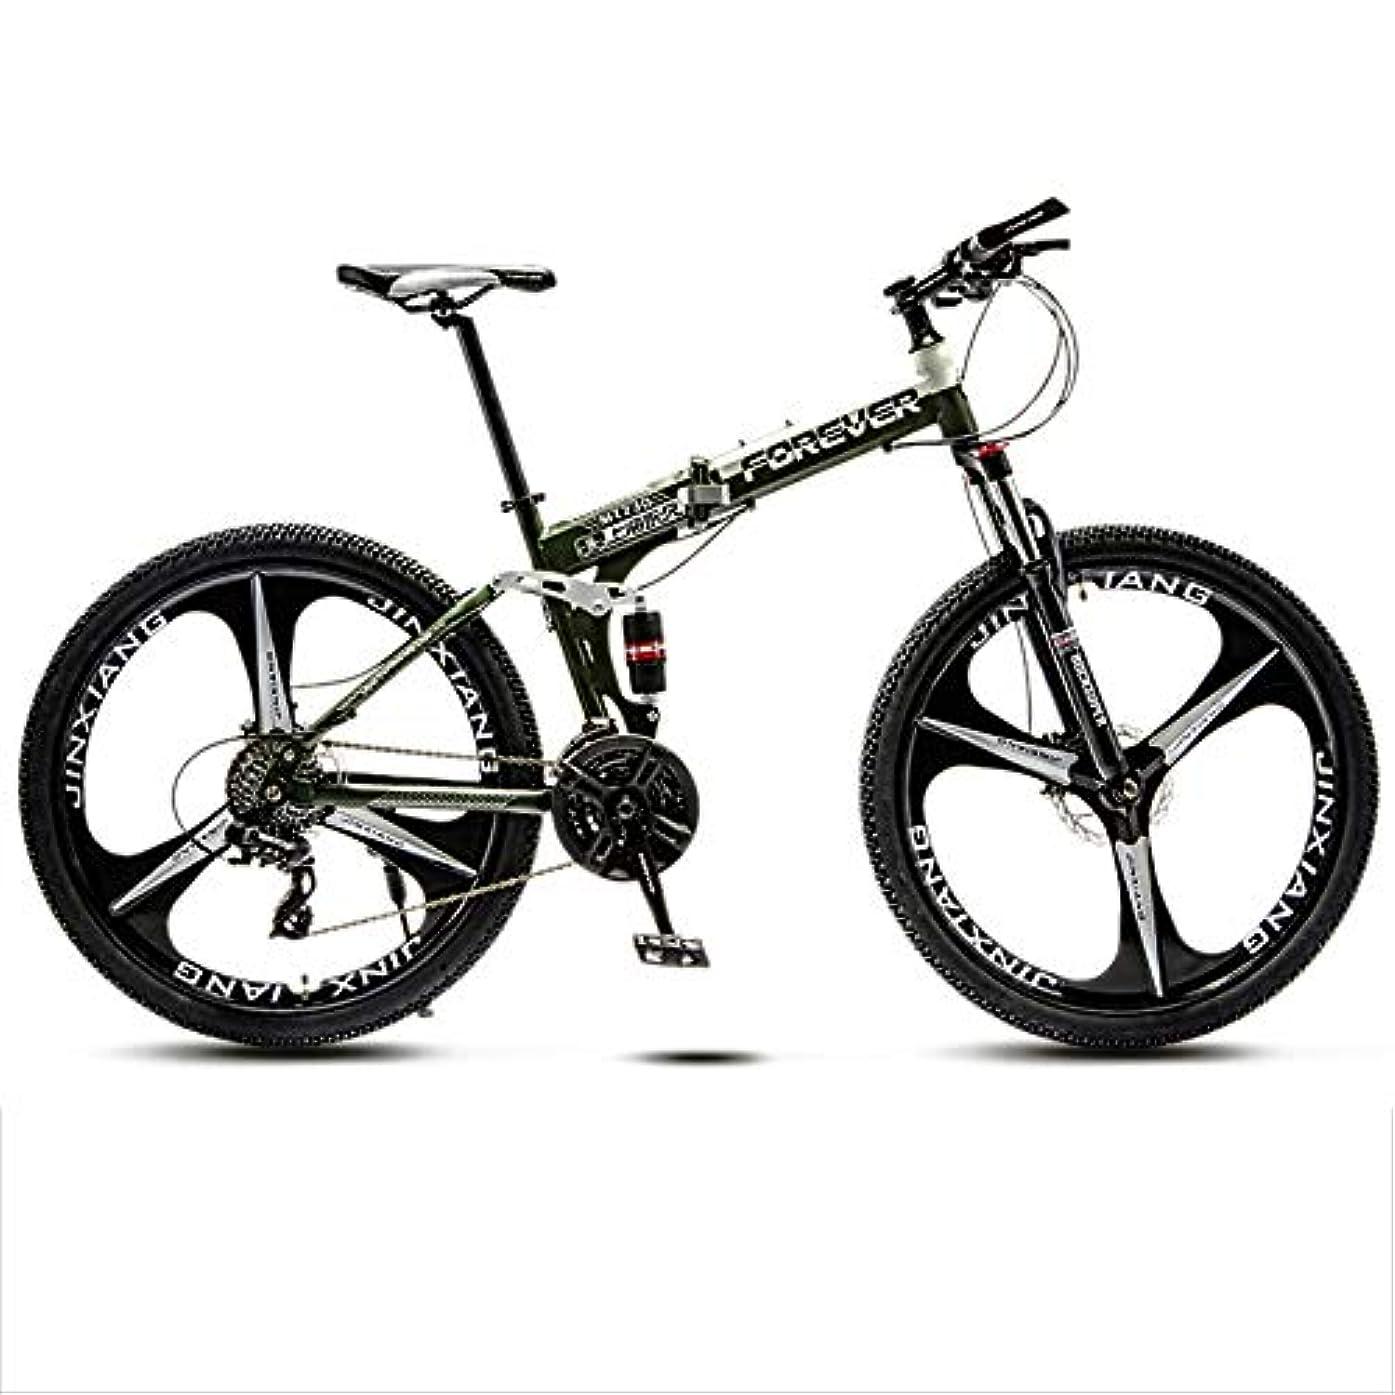 最初によると再生可能マウンテンバイク 軽量 MTB 高-炭素鋼 21スピード 可変速度 ダブルディスクブレーキ 3カッターホイール 24/26インチ ロードバイク